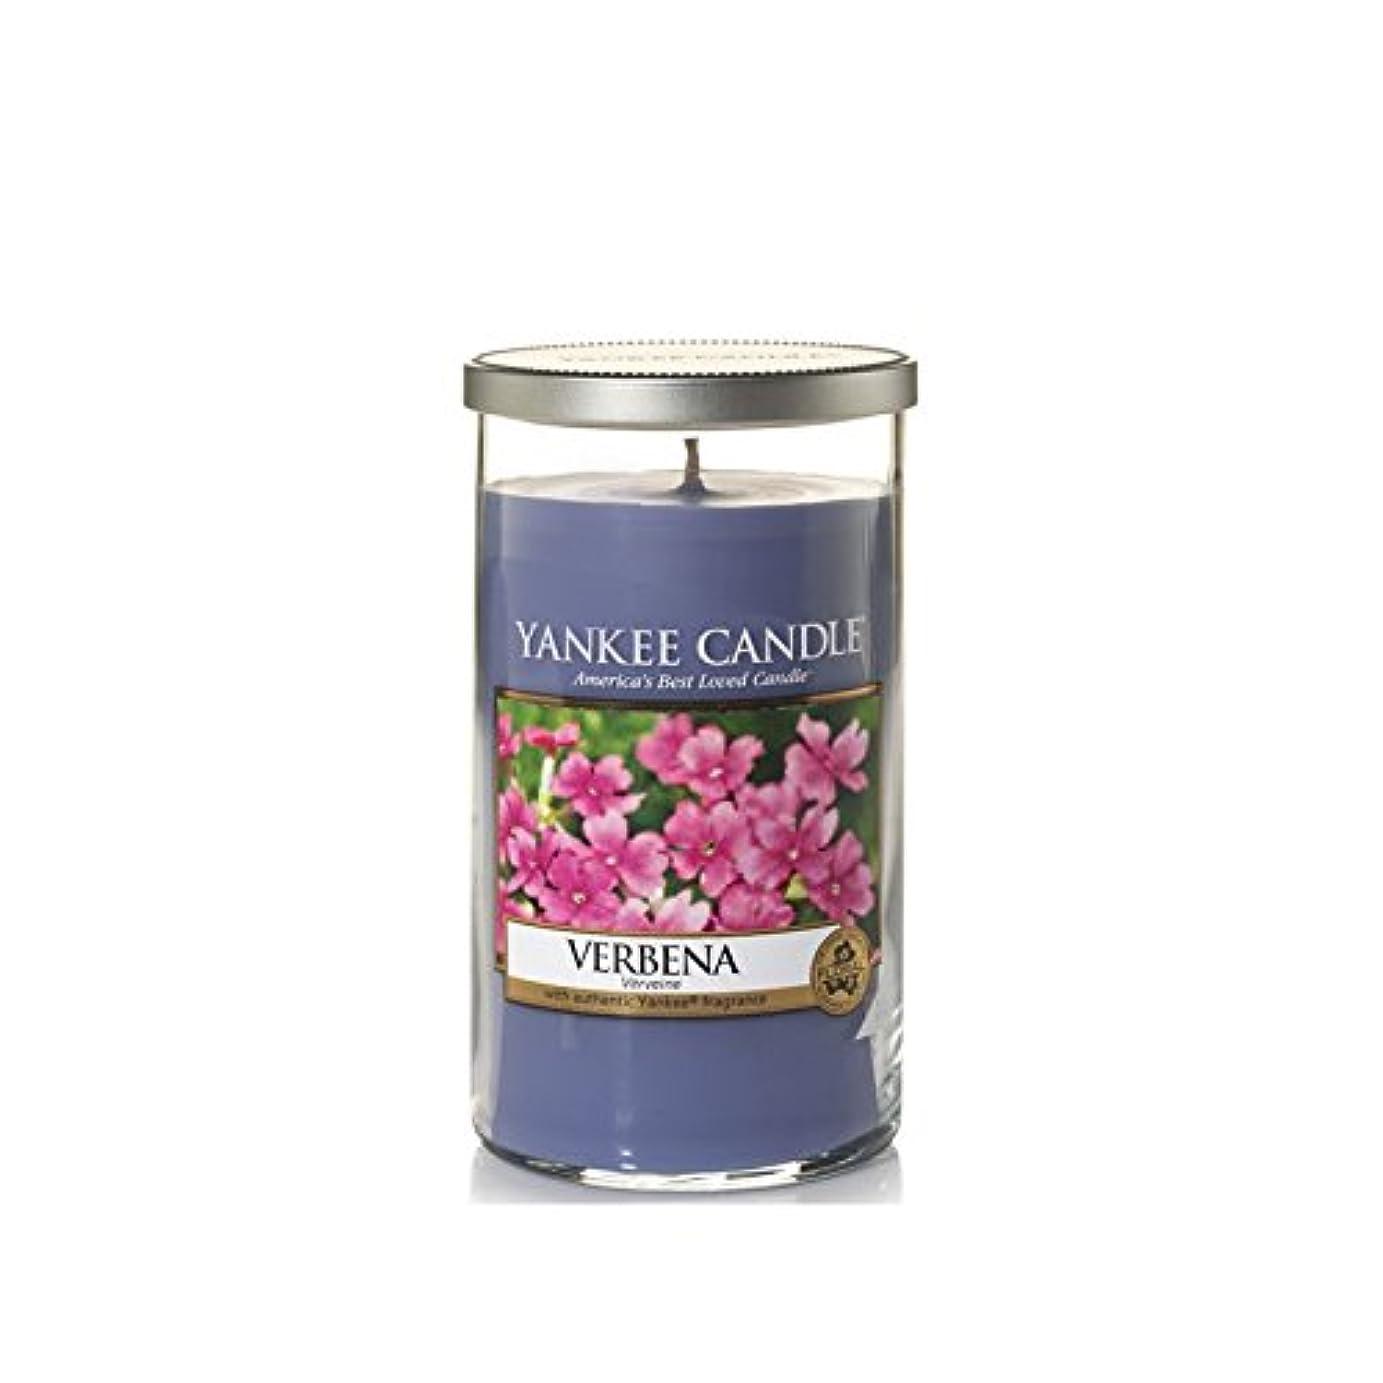 ベルトさらに一部Yankee Candles Medium Pillar Candle - Verbena (Pack of 2) - ヤンキーキャンドルメディアピラーキャンドル - バーベナ (x2) [並行輸入品]